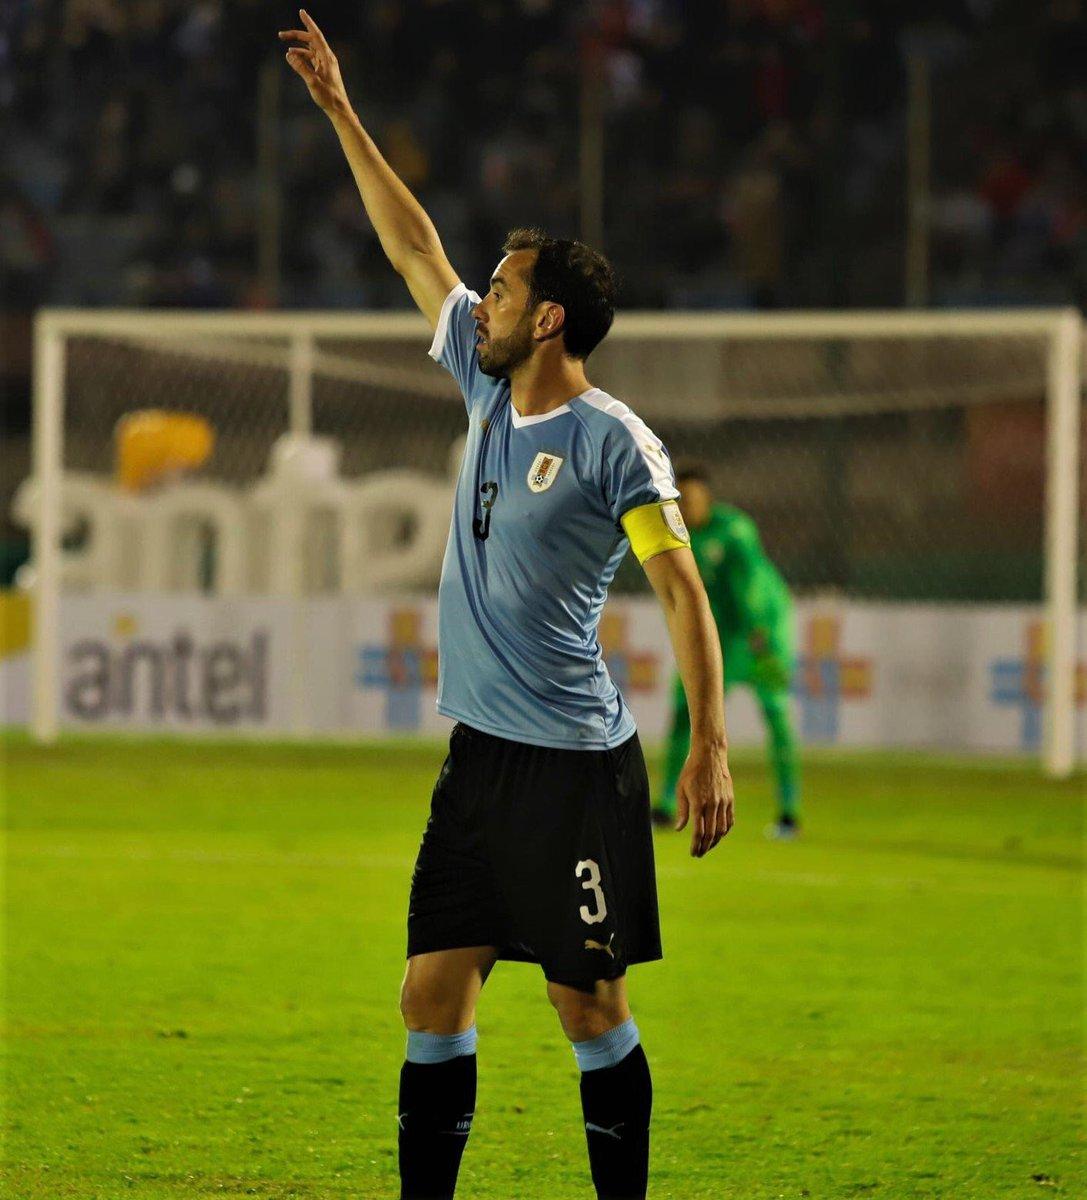 Buen resultado y buenas sensaciones antes de partir a la @CopaAmerica! Muchas gracias a todos por el aliento de hoy y de todos estos días acá en el país!! #UruguayNoma